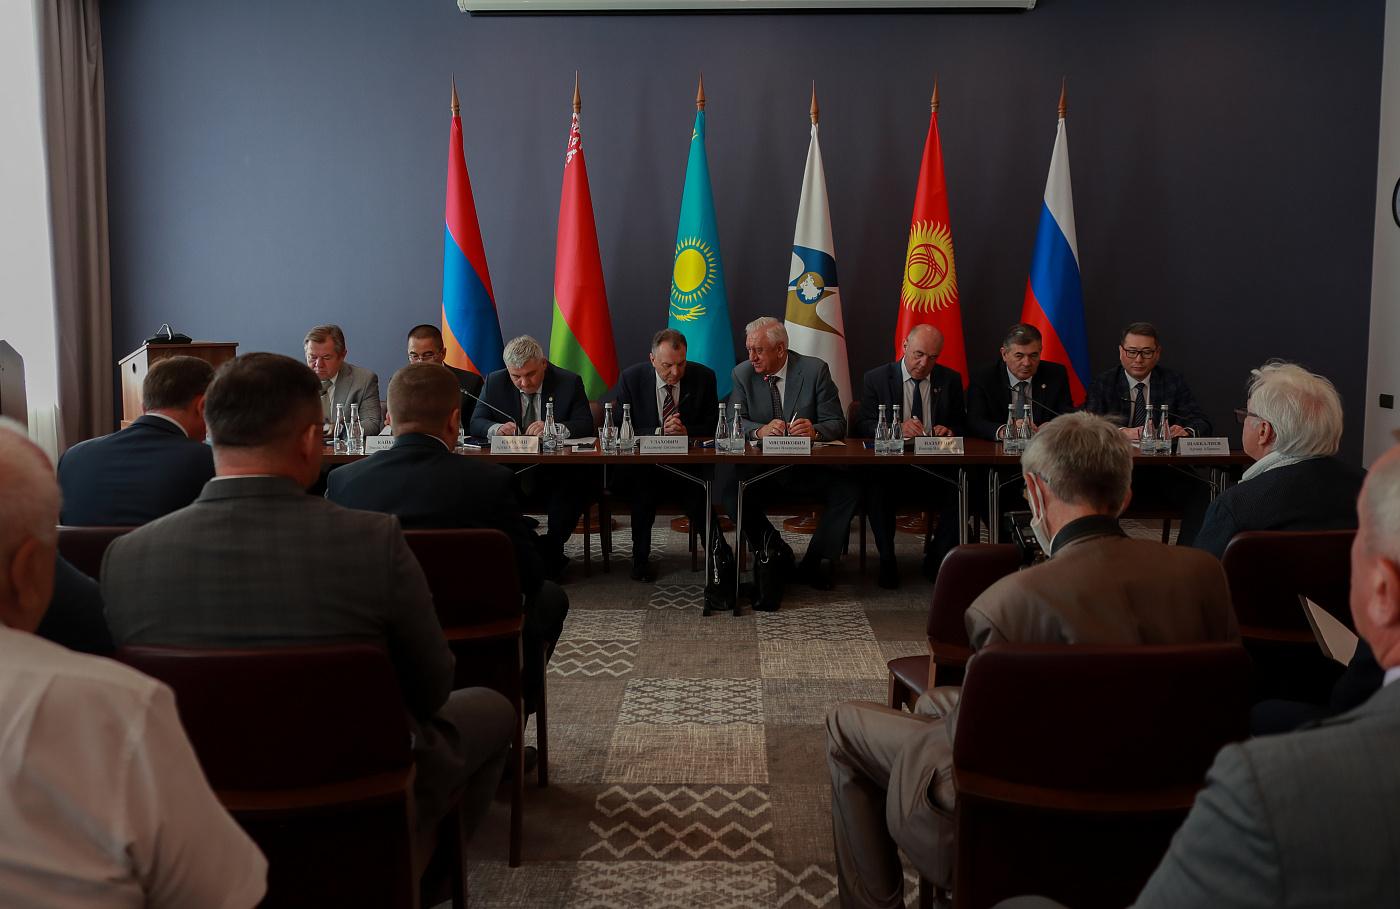 Что предложили белорусские бизнесмены странам ЕАЭС